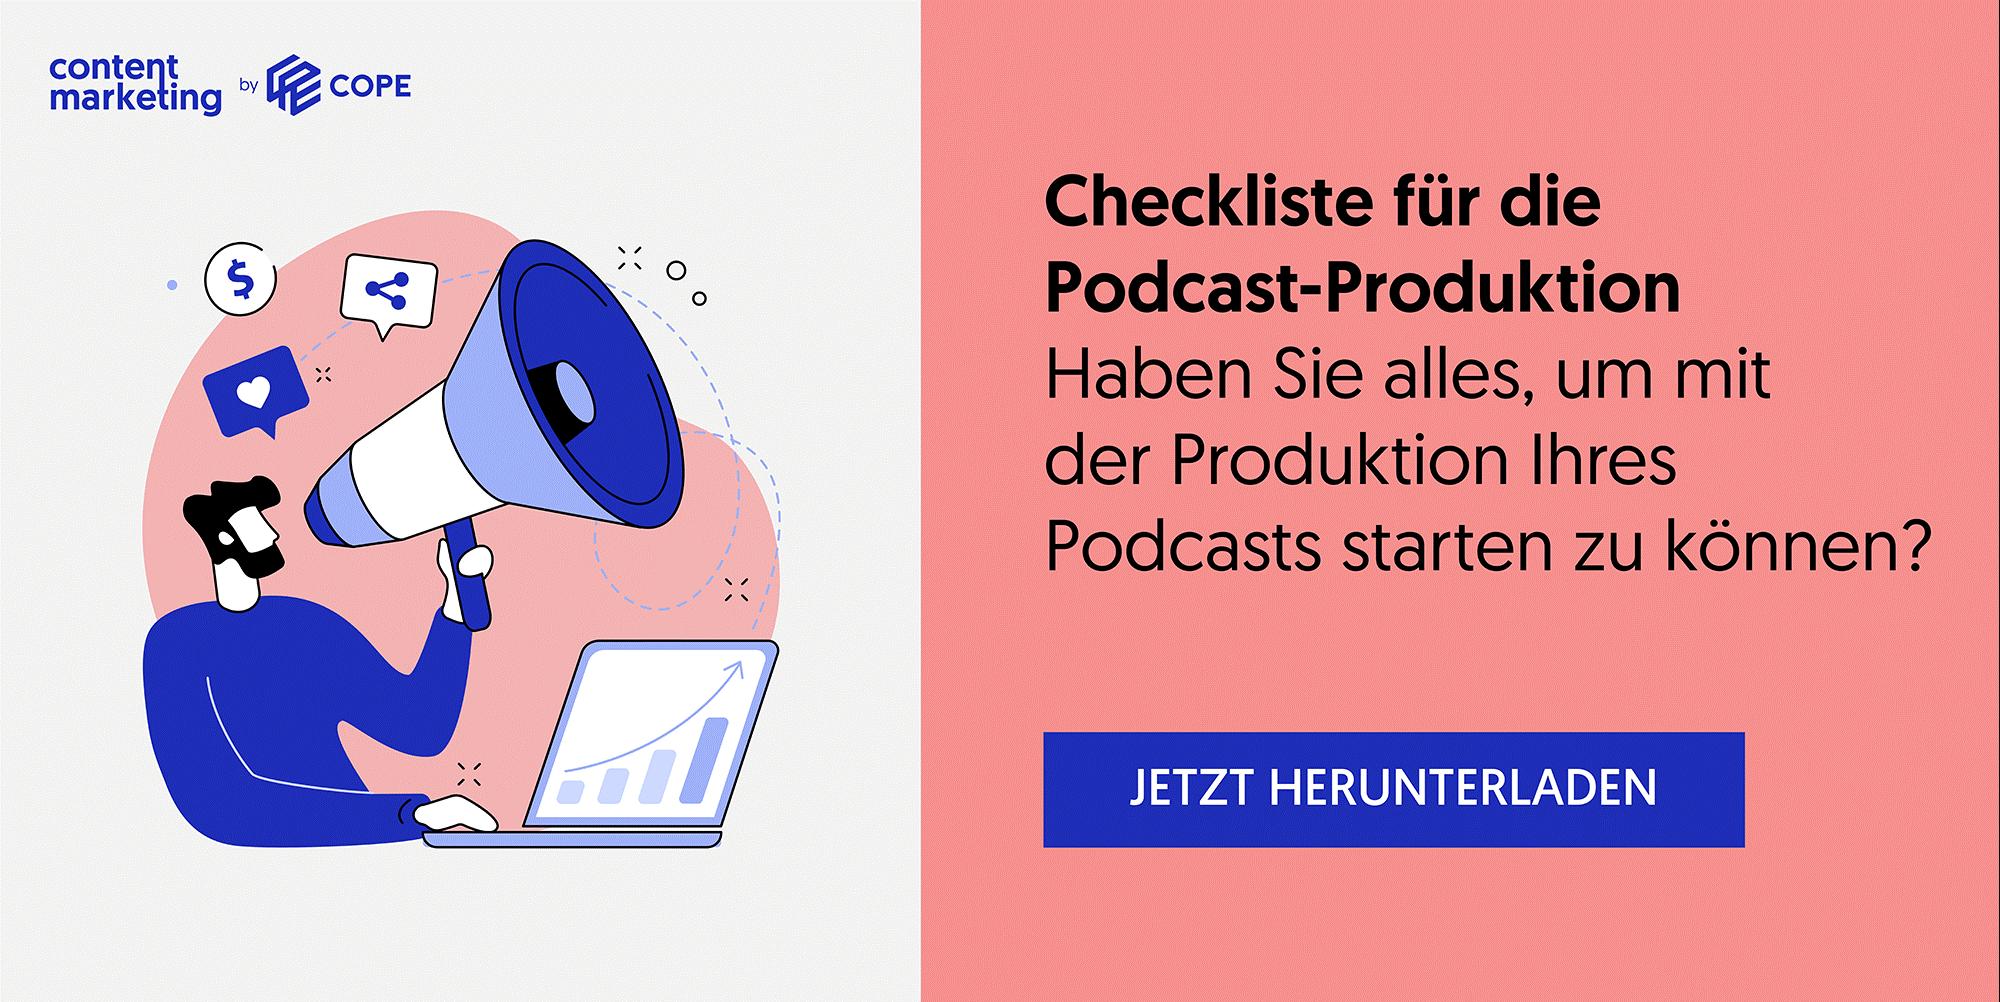 Checkliste für die Podcast-Produktion